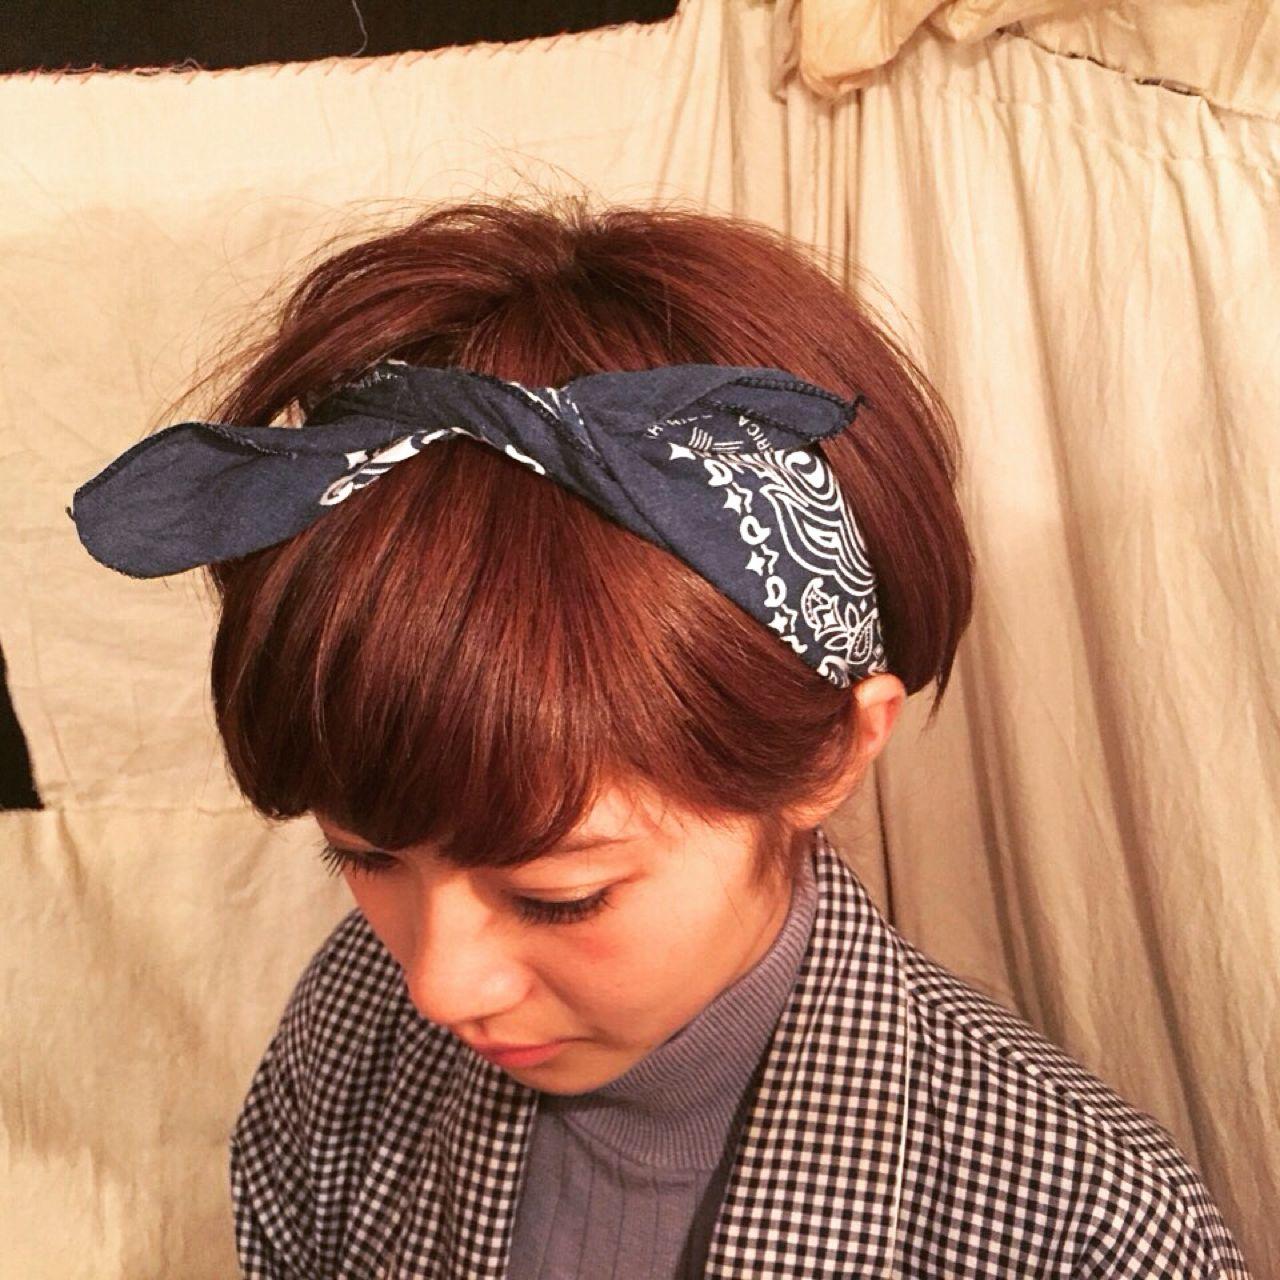 ショートヘアで真似したい!付けるだけでおしゃれ上級者なヘア小物 佐藤 可奈子